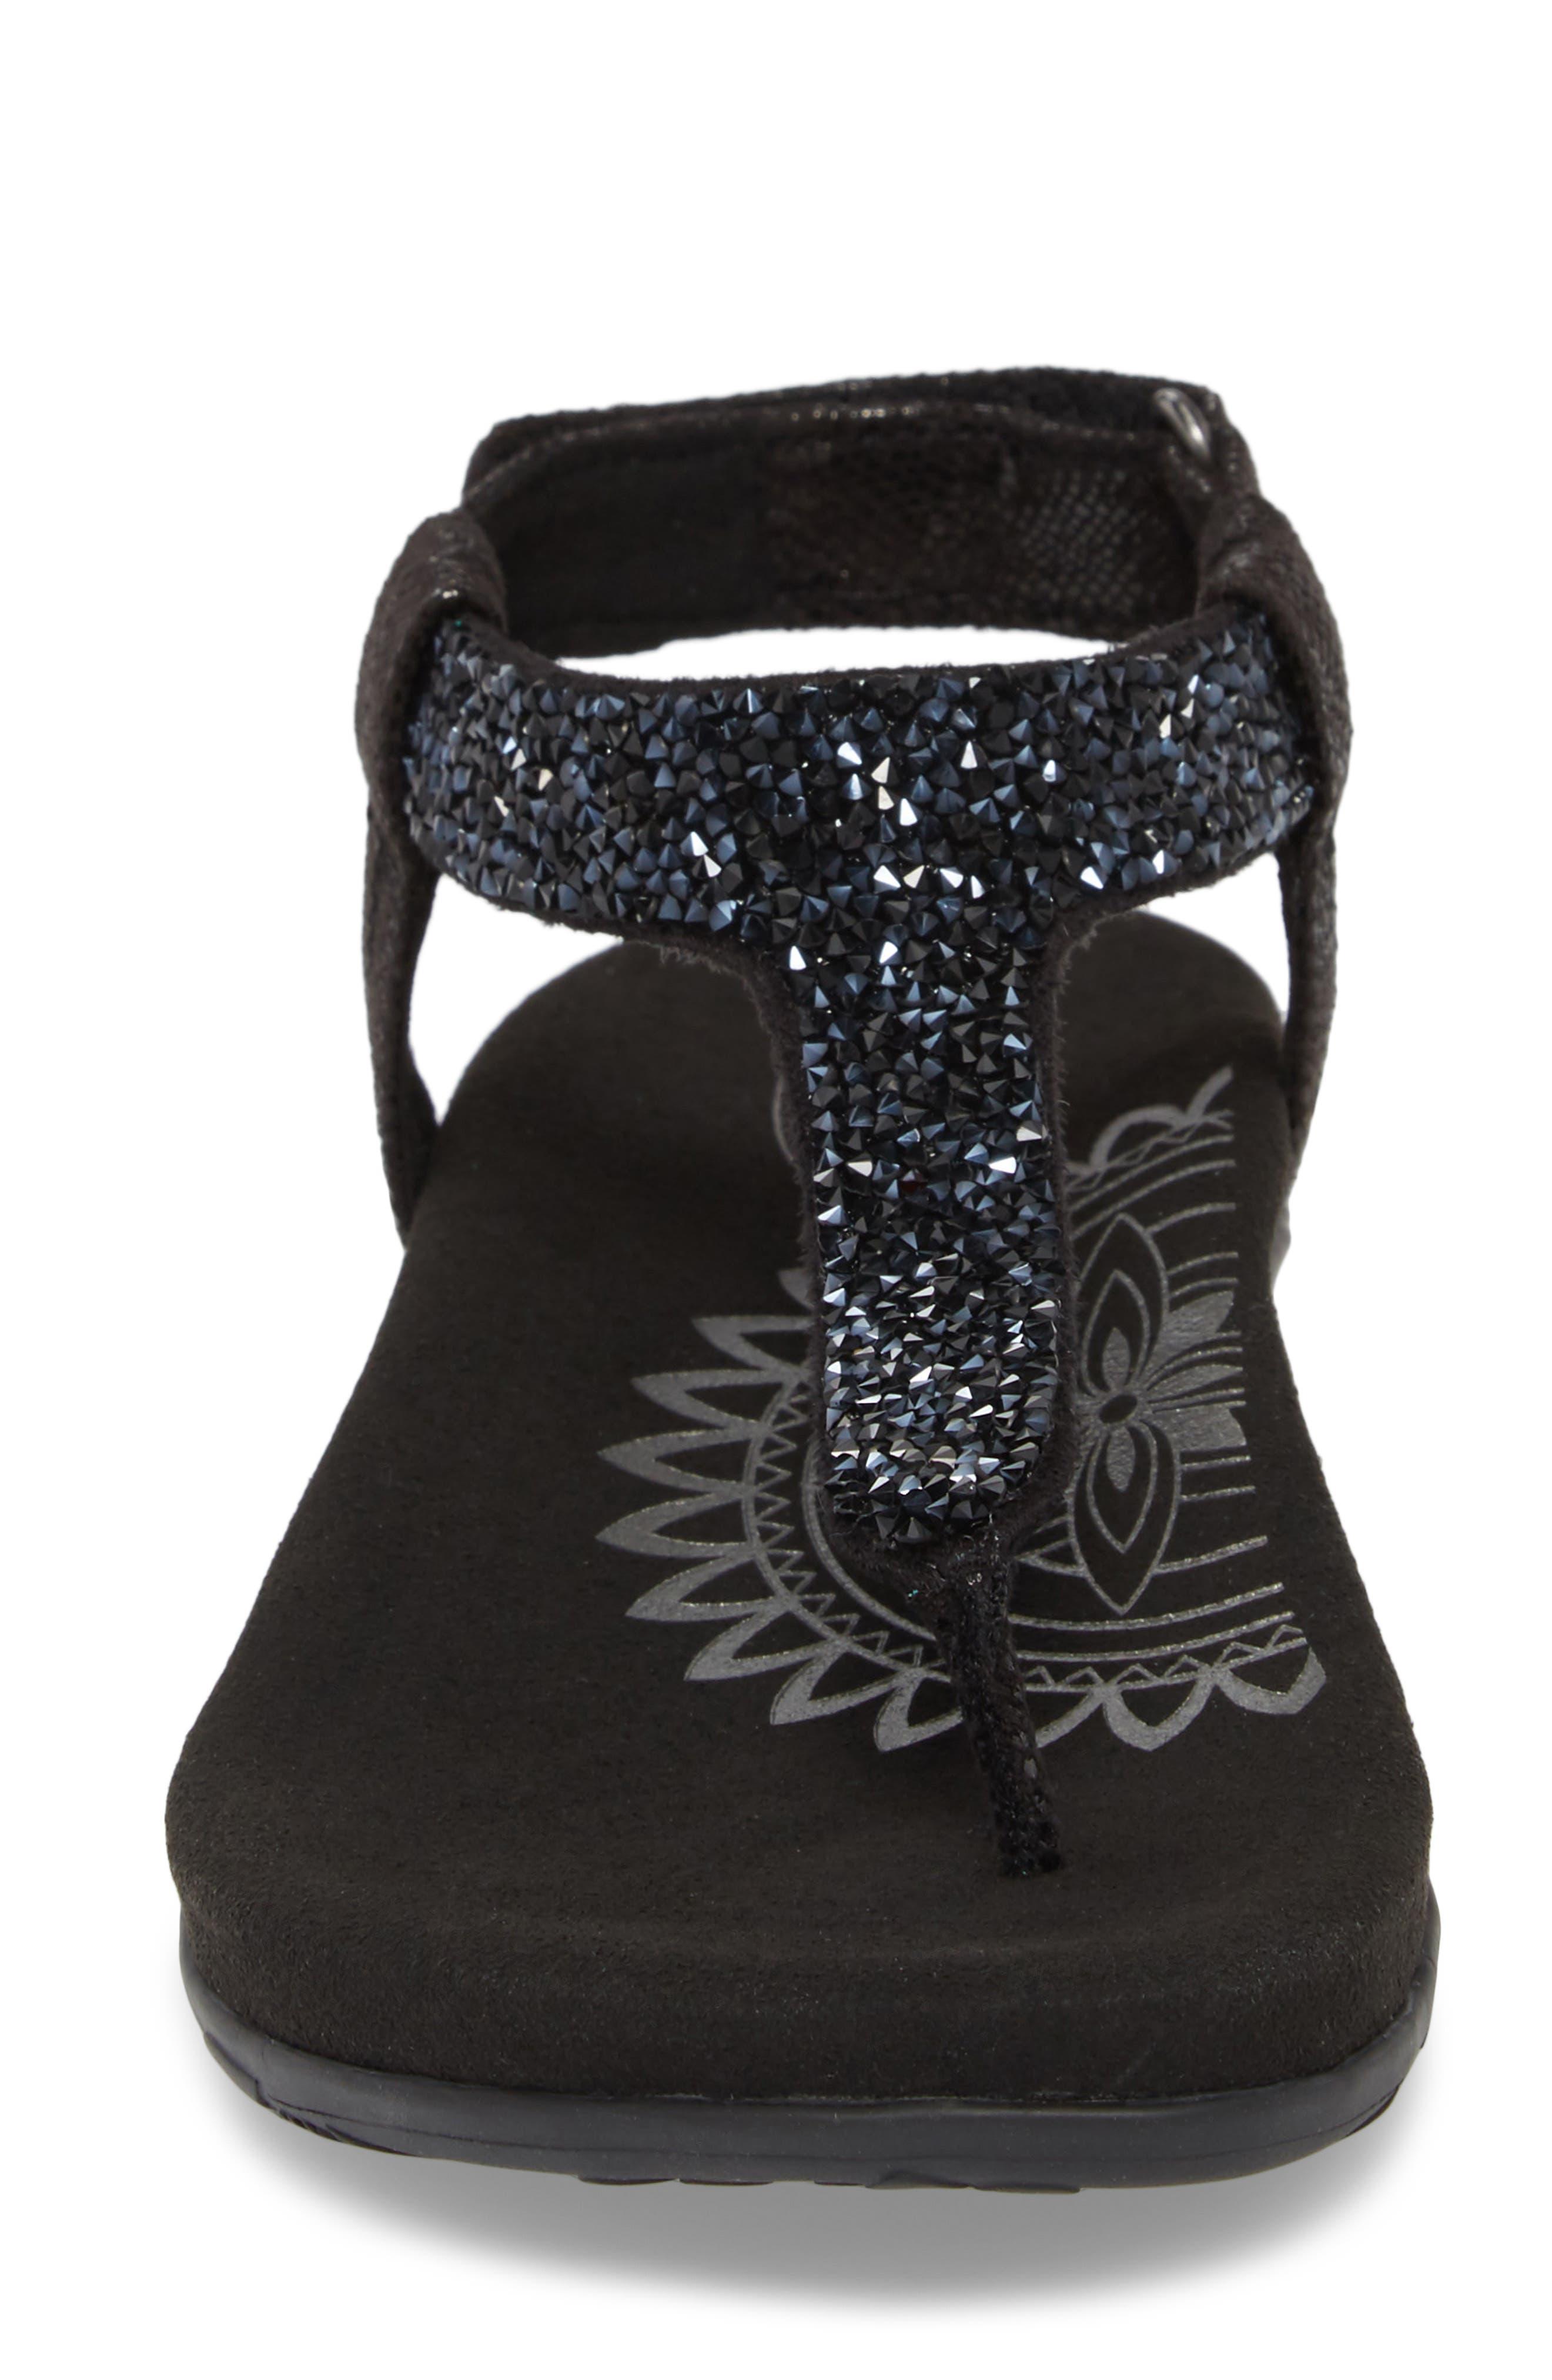 AETREX, Jade Embellished T-Strap Sandal, Alternate thumbnail 4, color, BLACK LEATHER